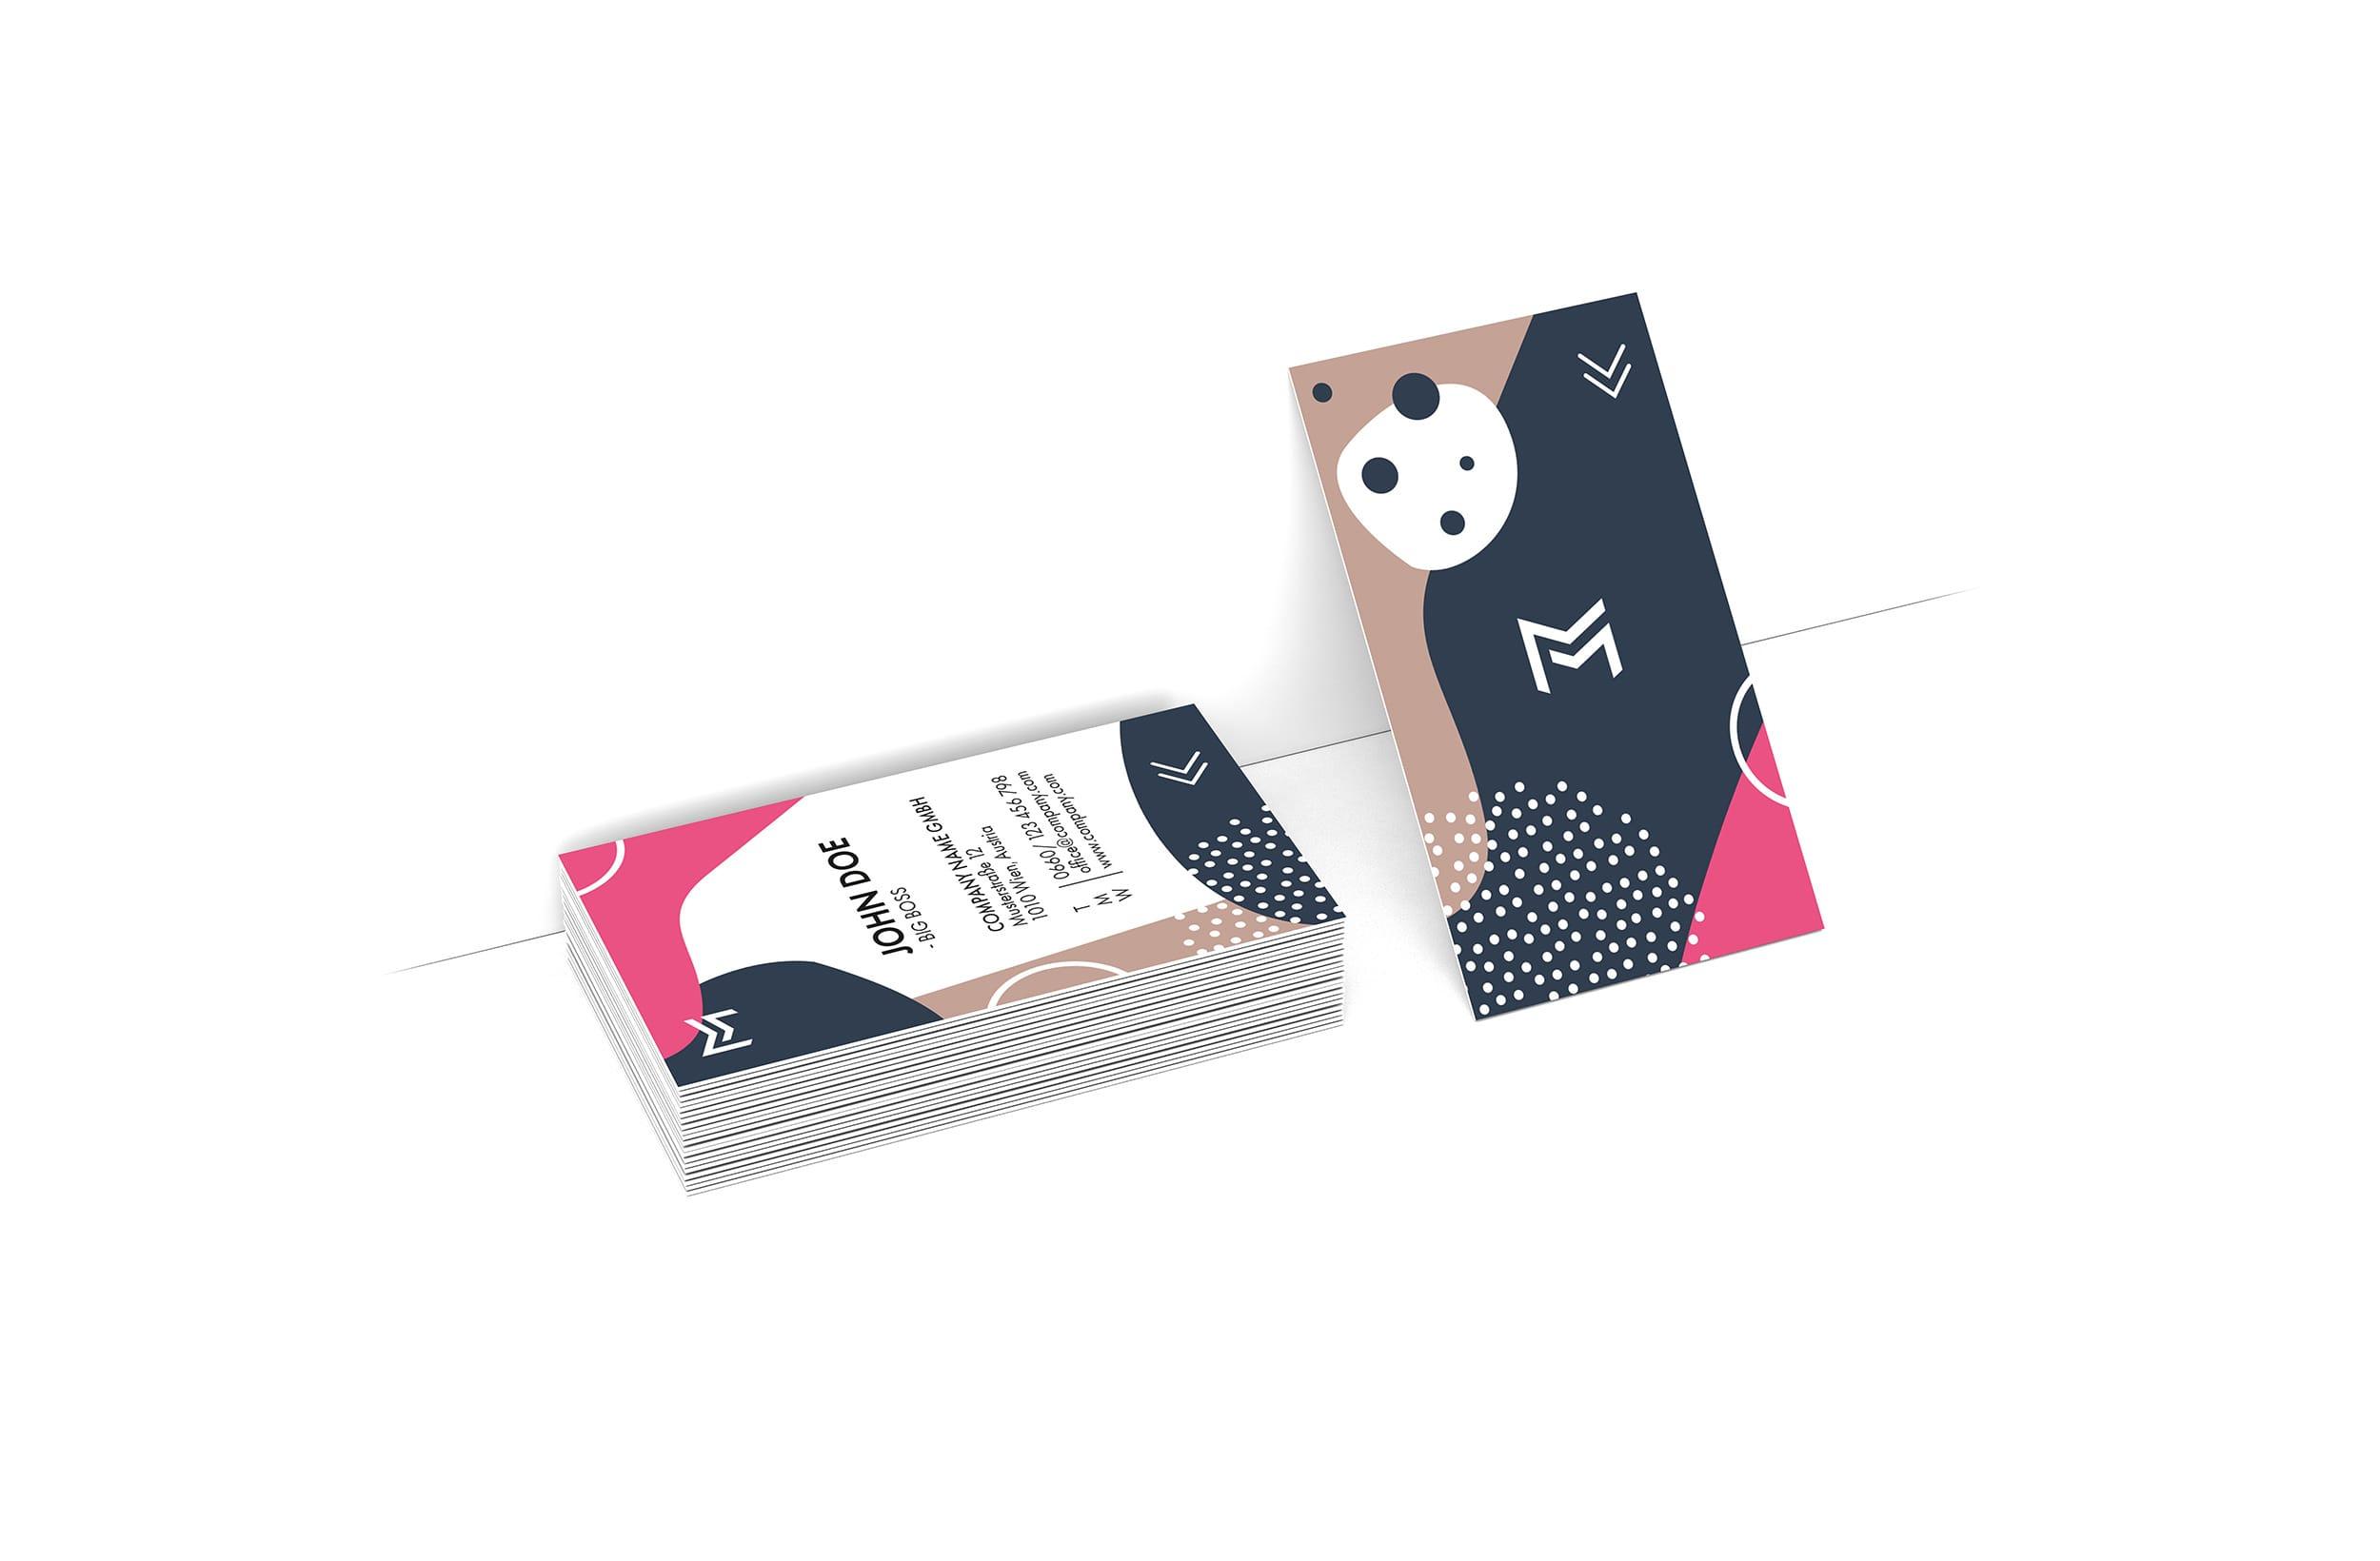 montroit-design-business-card-spc-a